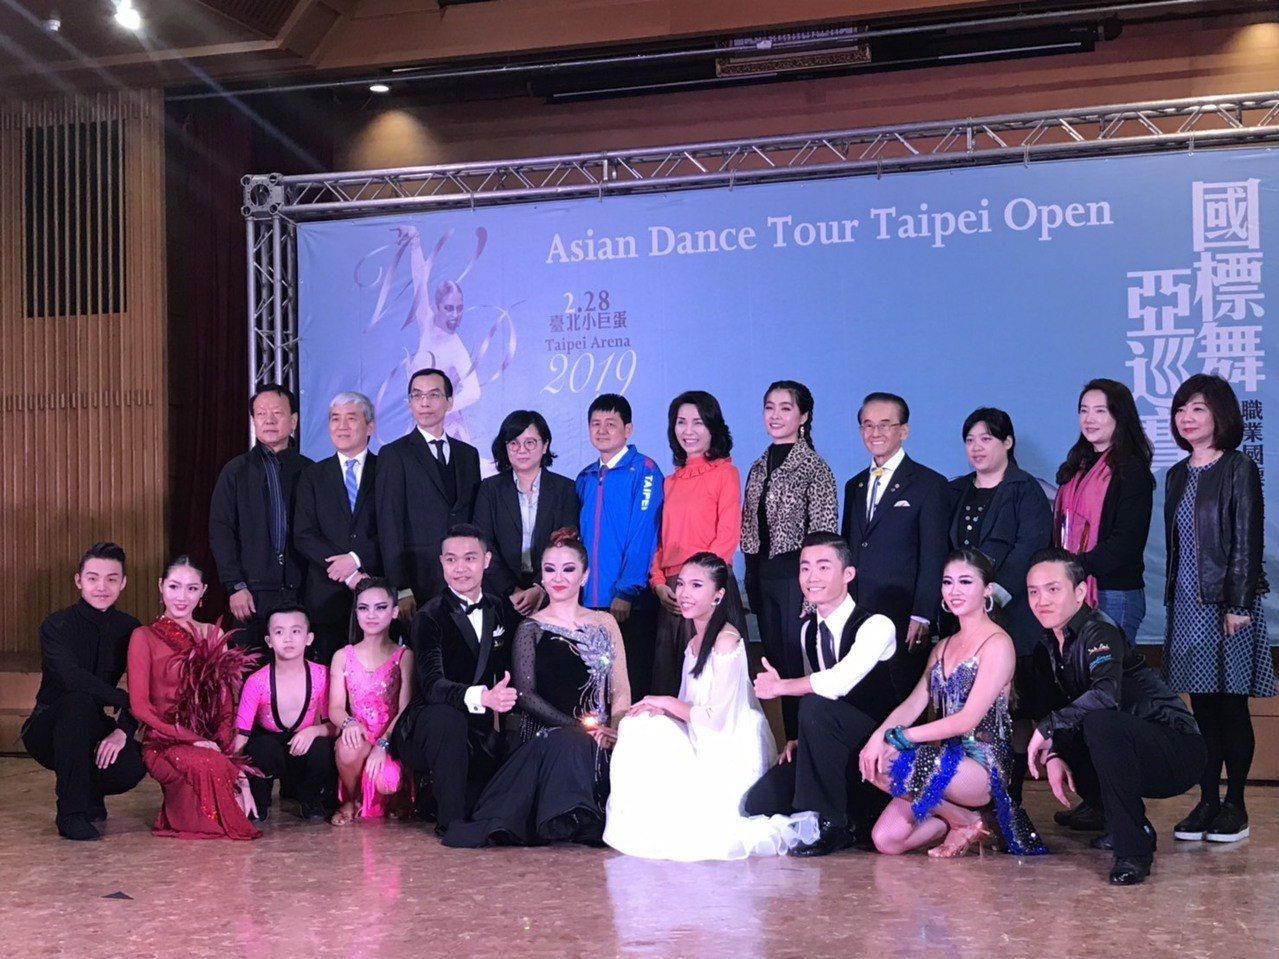 2019職業國標舞世界大賽亞巡賽台北站28日將於台北小巨蛋舉行。記者劉肇育/攝影